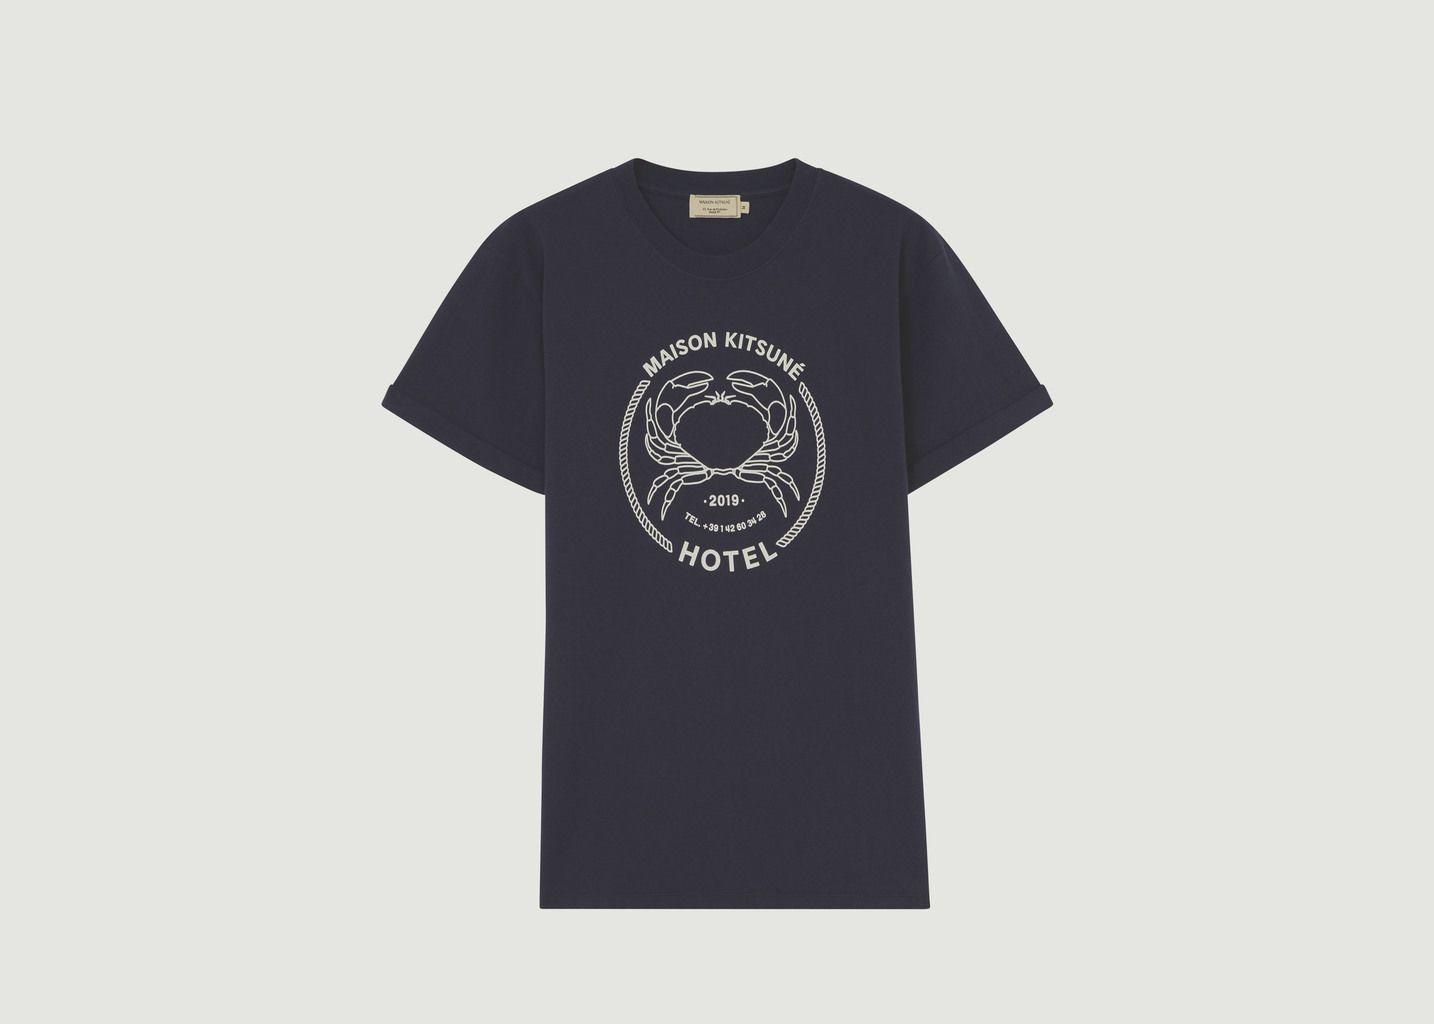 T-Shirt Hôtel Maison Kitsuné - Maison Kitsuné